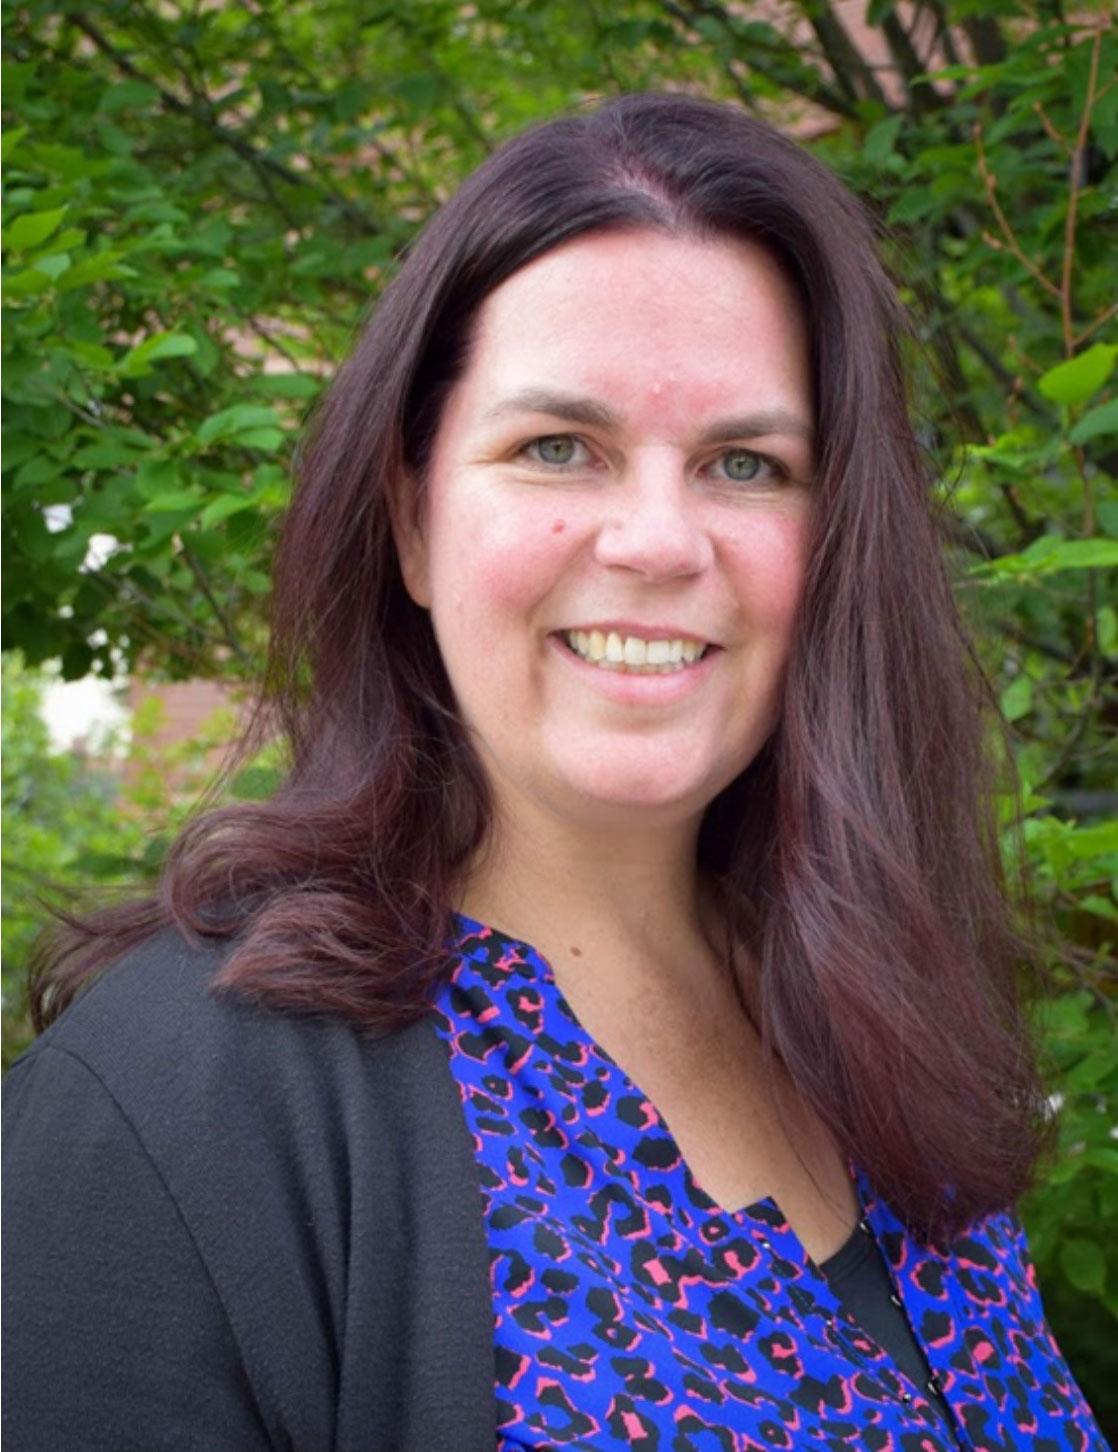 Imagen 2: Trisha Reynolds, supervisora de oficina y representante acreditado de VA